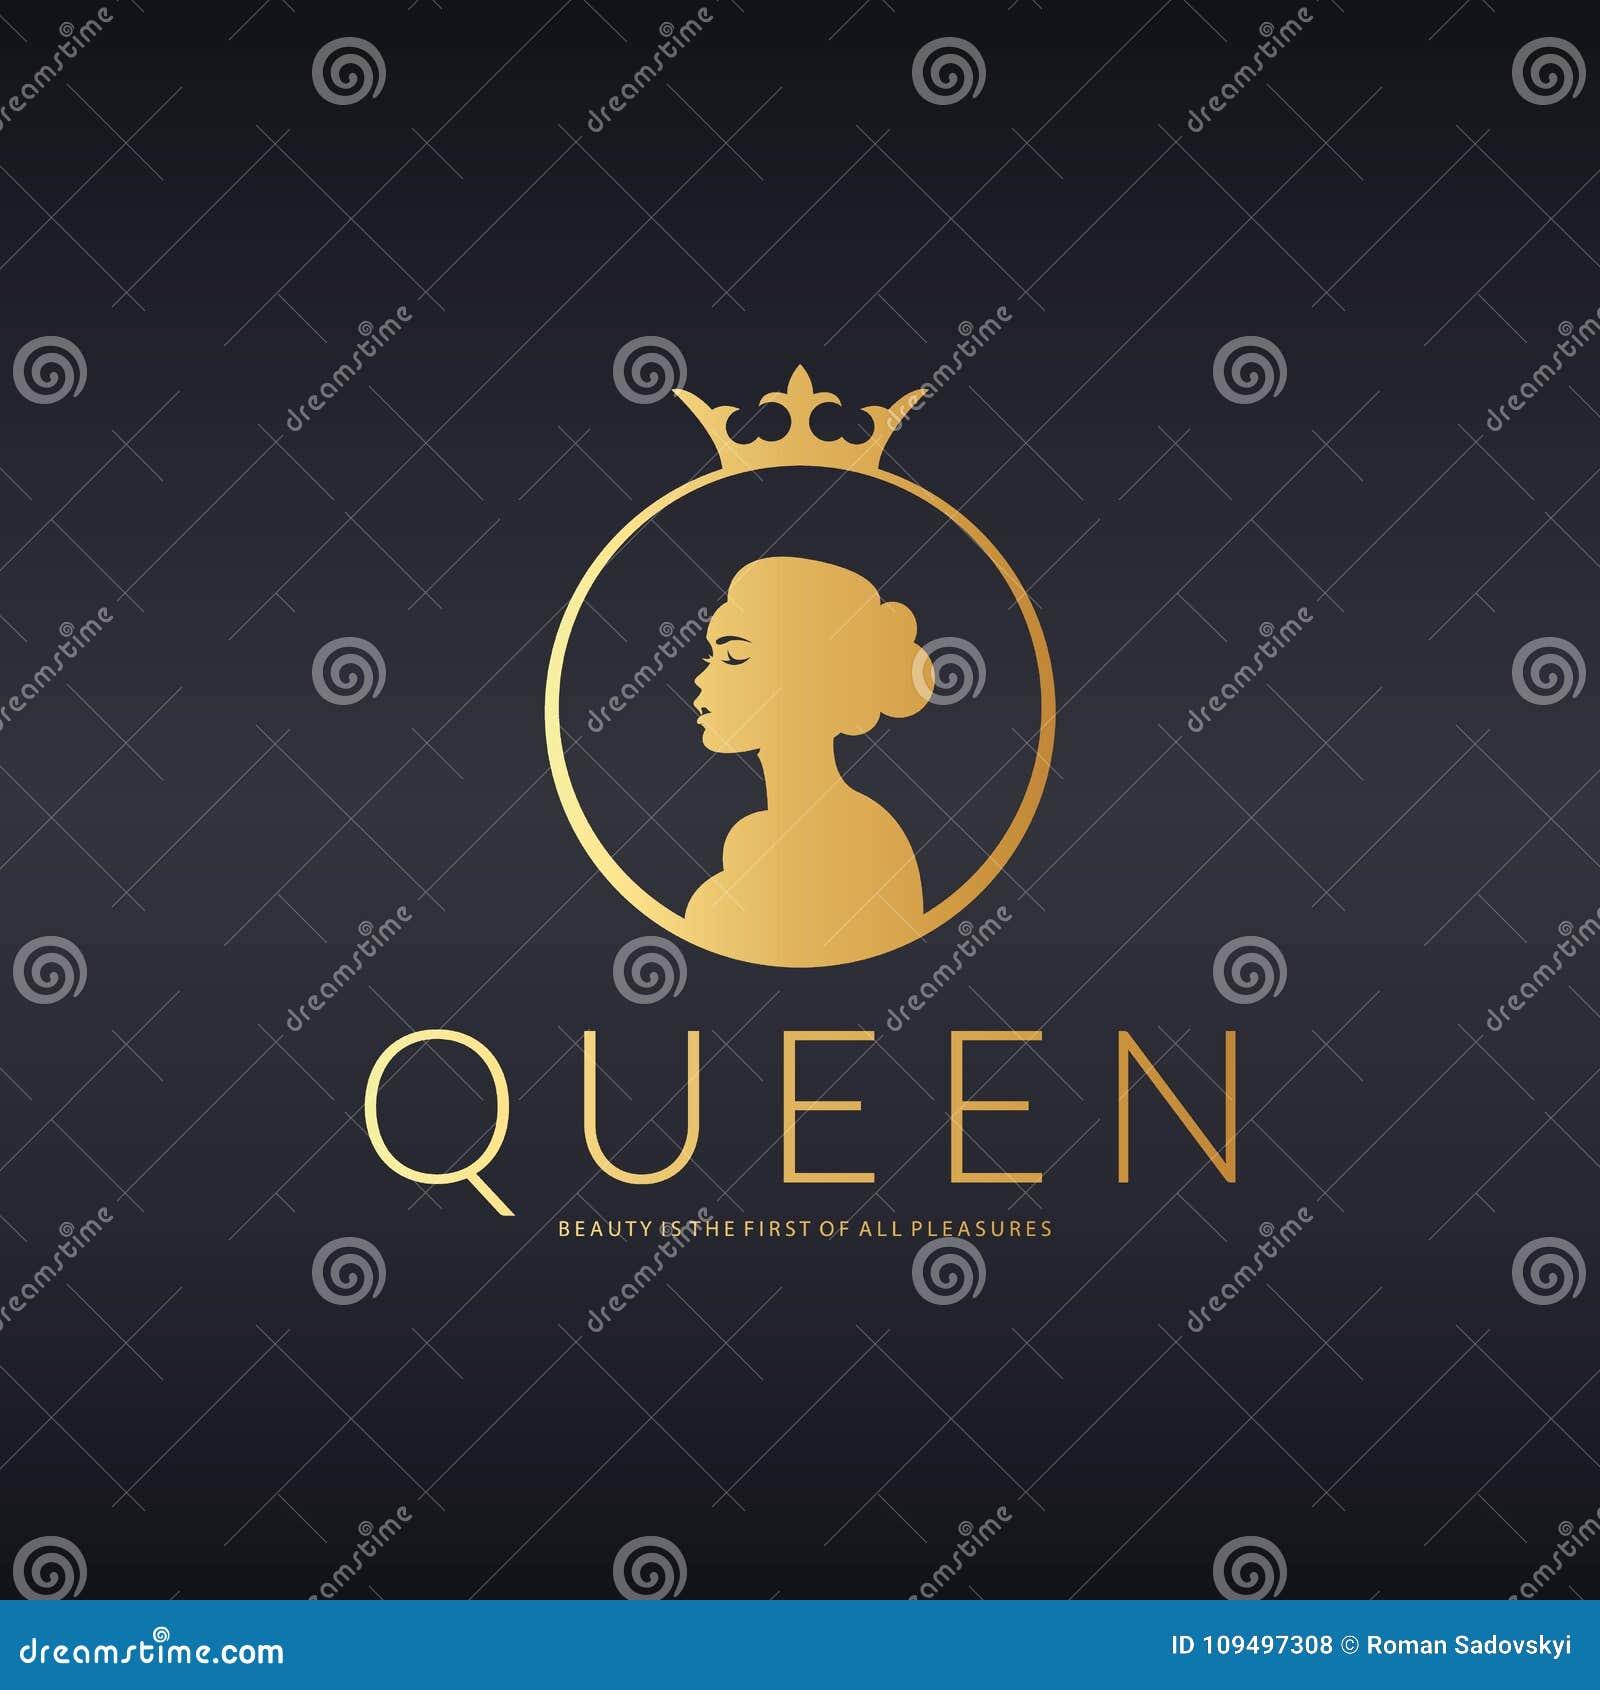 Queen Logo. Beauty Logo. Vector Logo Design For Beauty